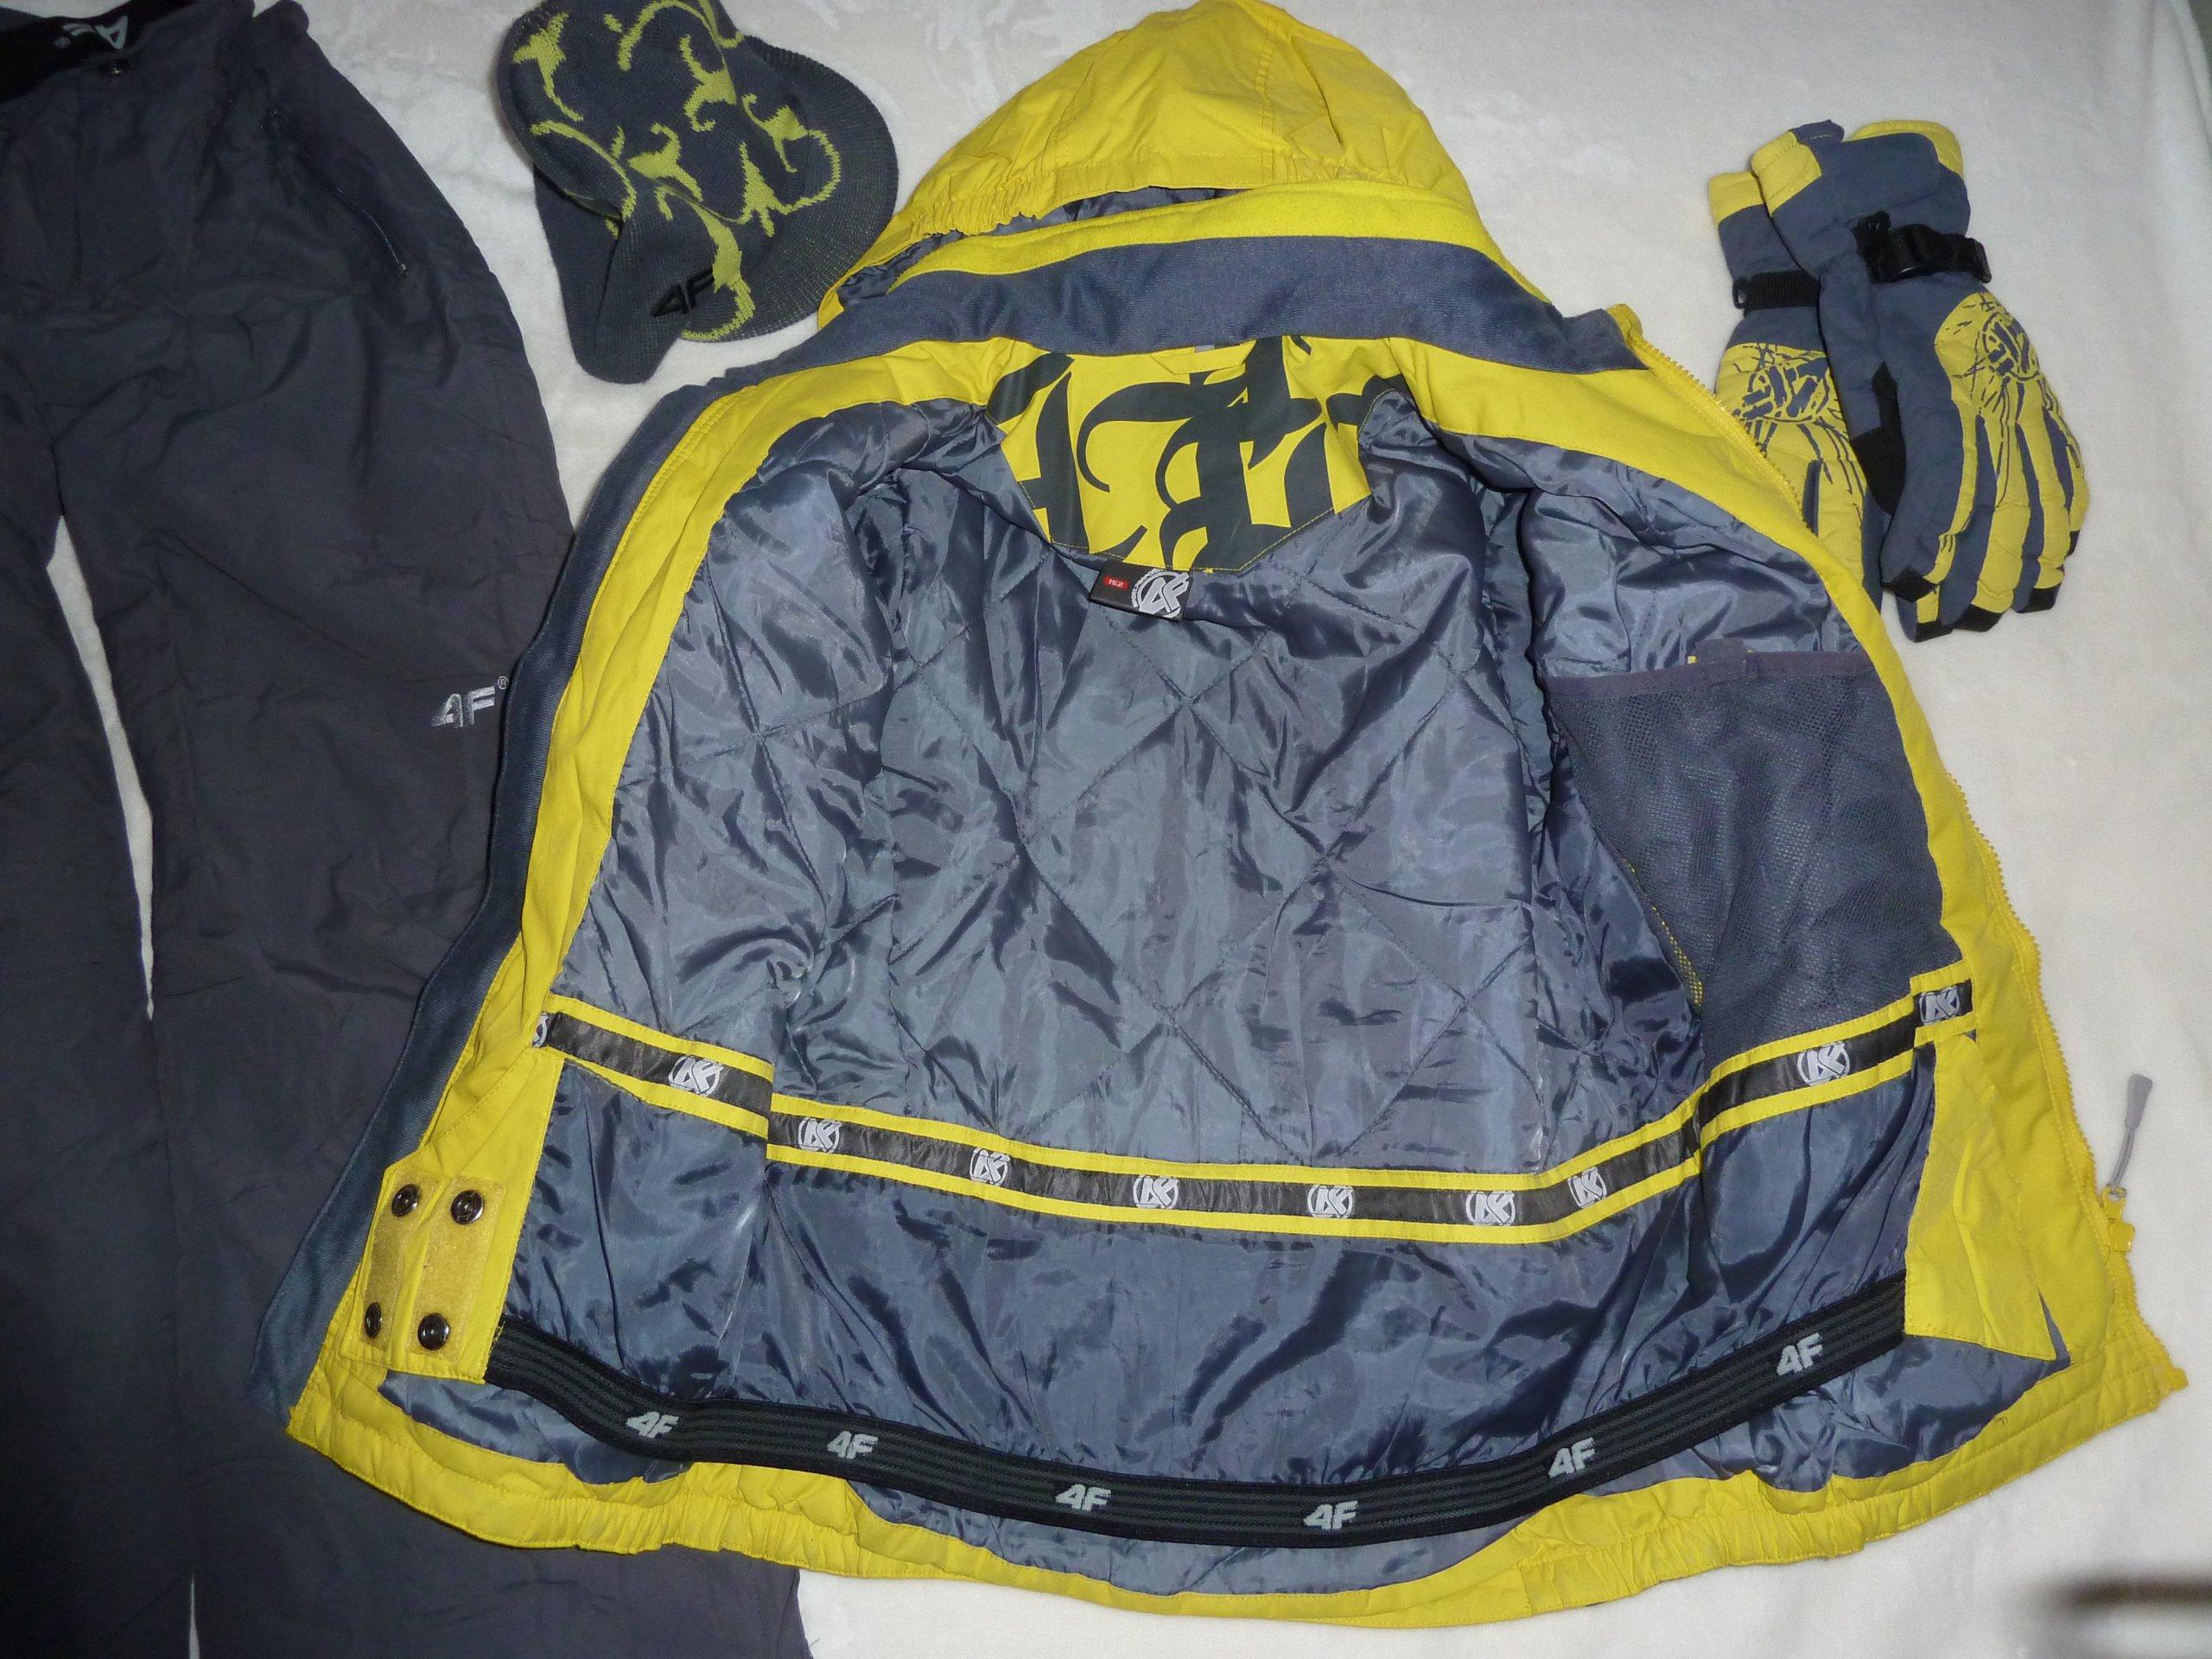 5c91b7af8 Kombinezon 4F 152 cm rękawice i czapka. - 7144116379 - oficjalne ...